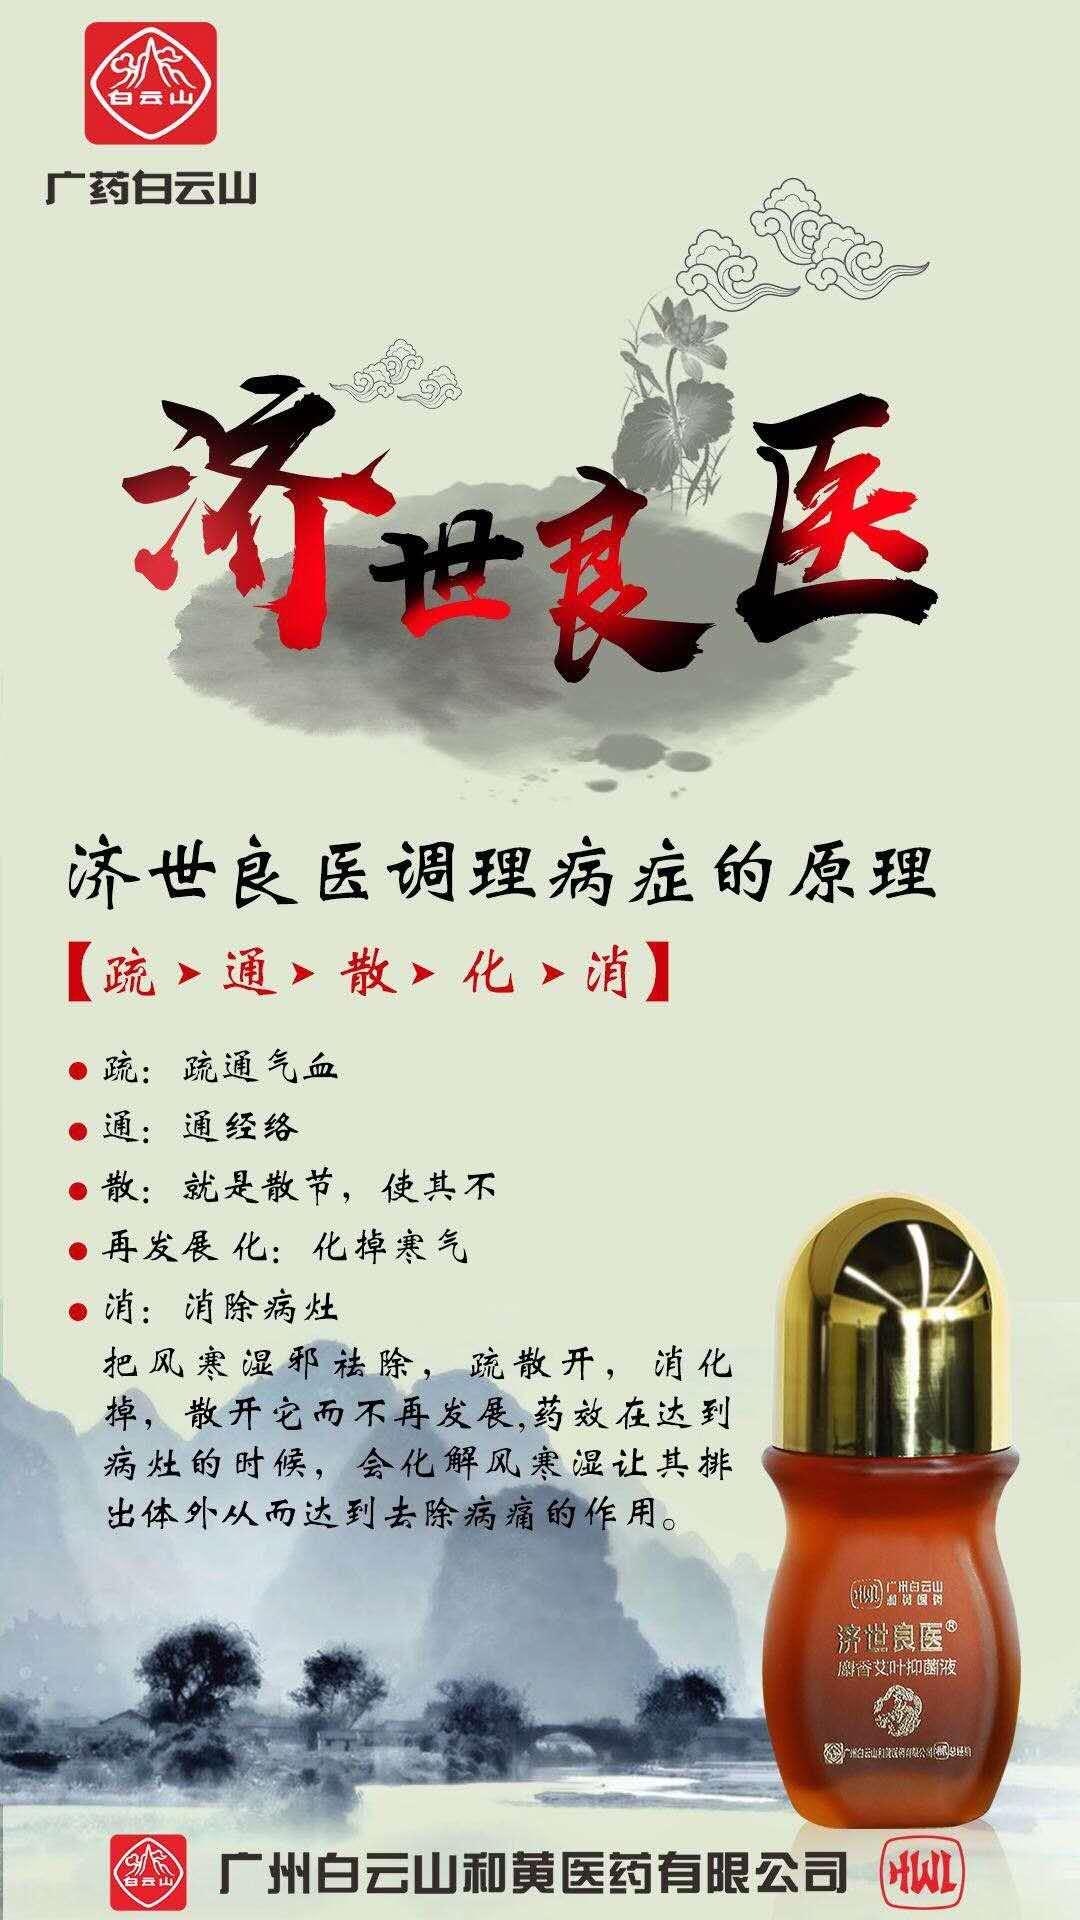 广药白云山品牌,济世良医麝香艾液,主要功效:消炎止痛、活血化淤、通经活 ...